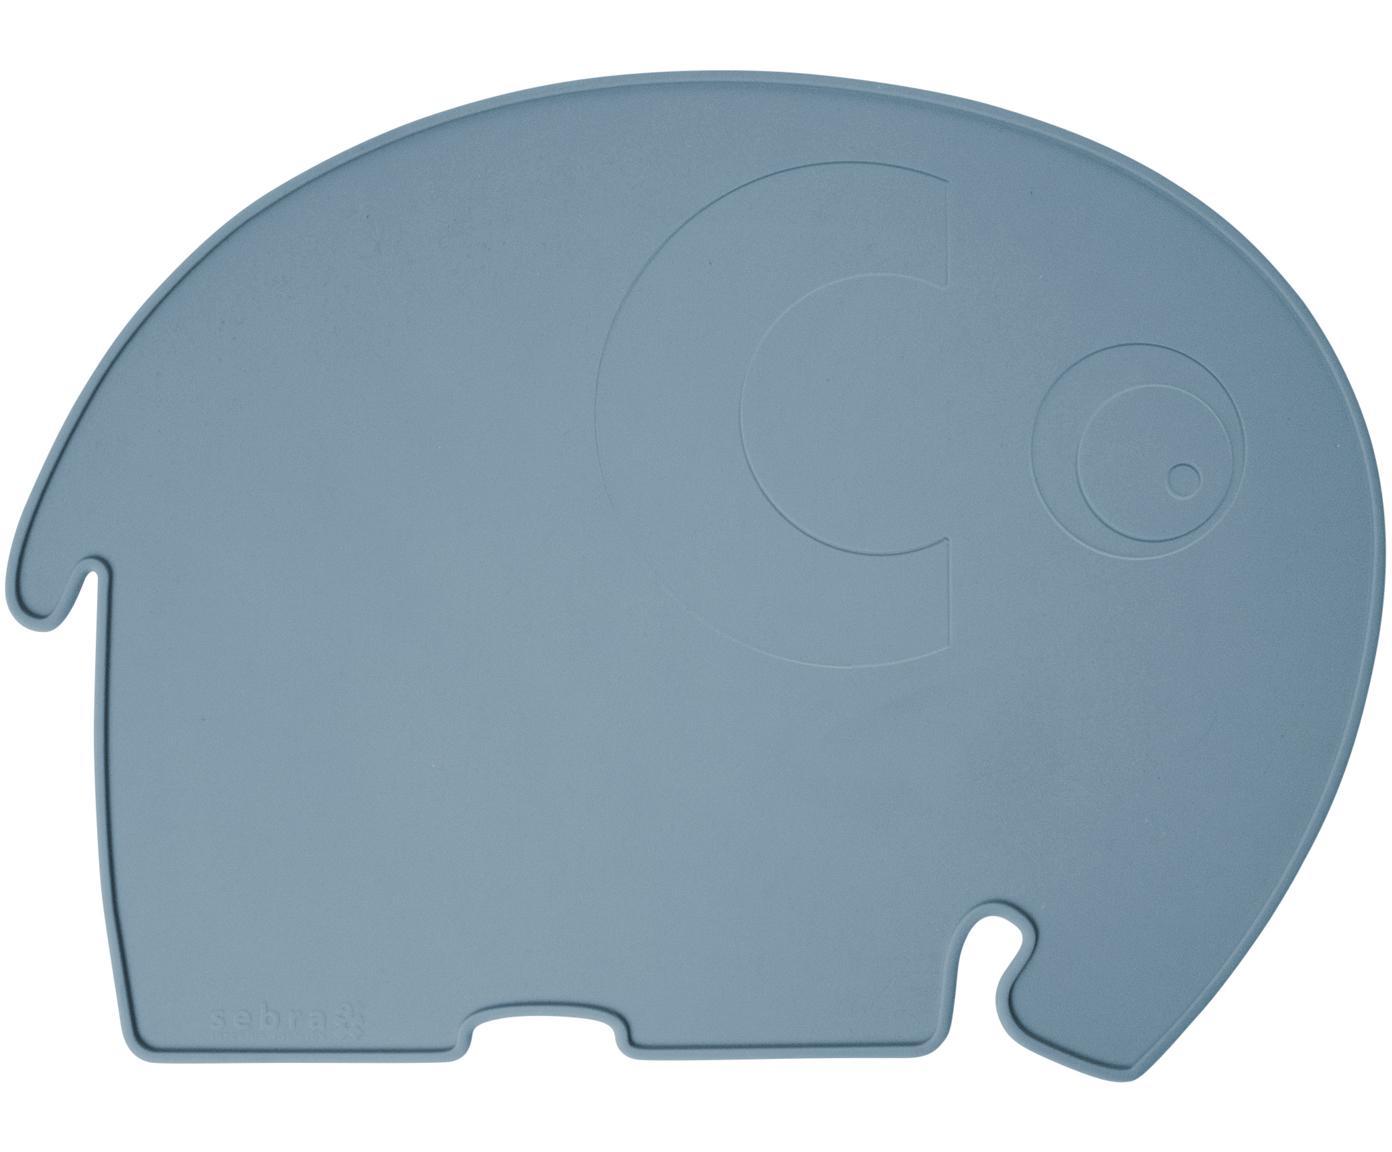 Tovaglietta elefantino in silicone Fanto, Silicone, senza BPA, Blu, Larg. 43 x Alt. 33 cm